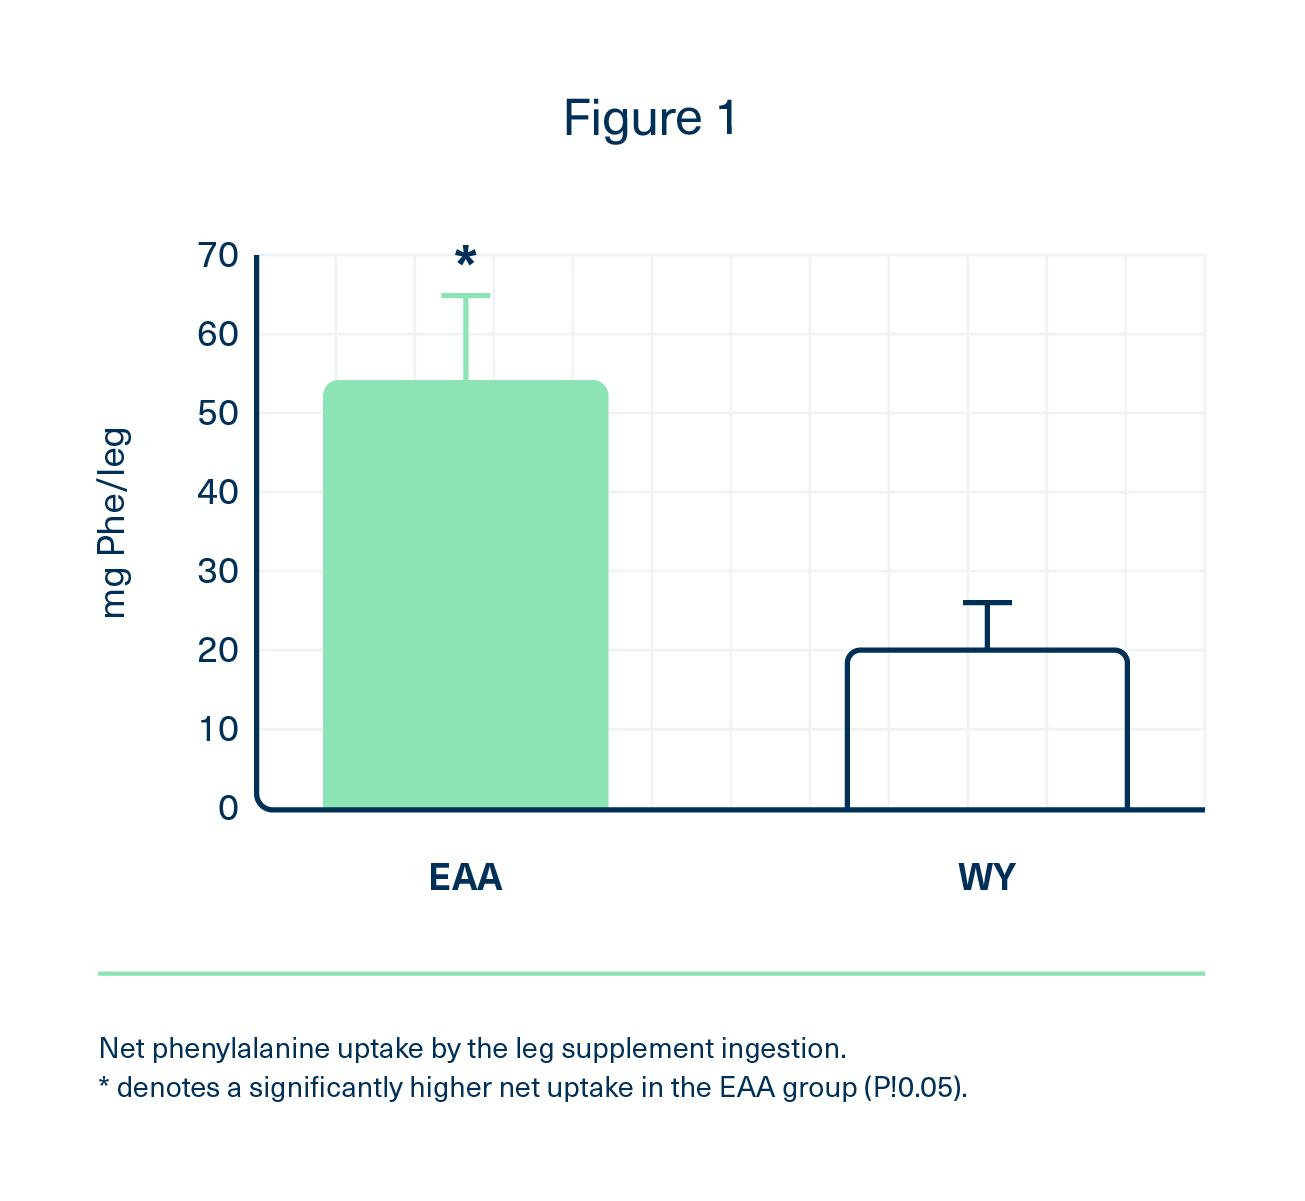 Net phenylalanine uptake by the leg supplement ingestion